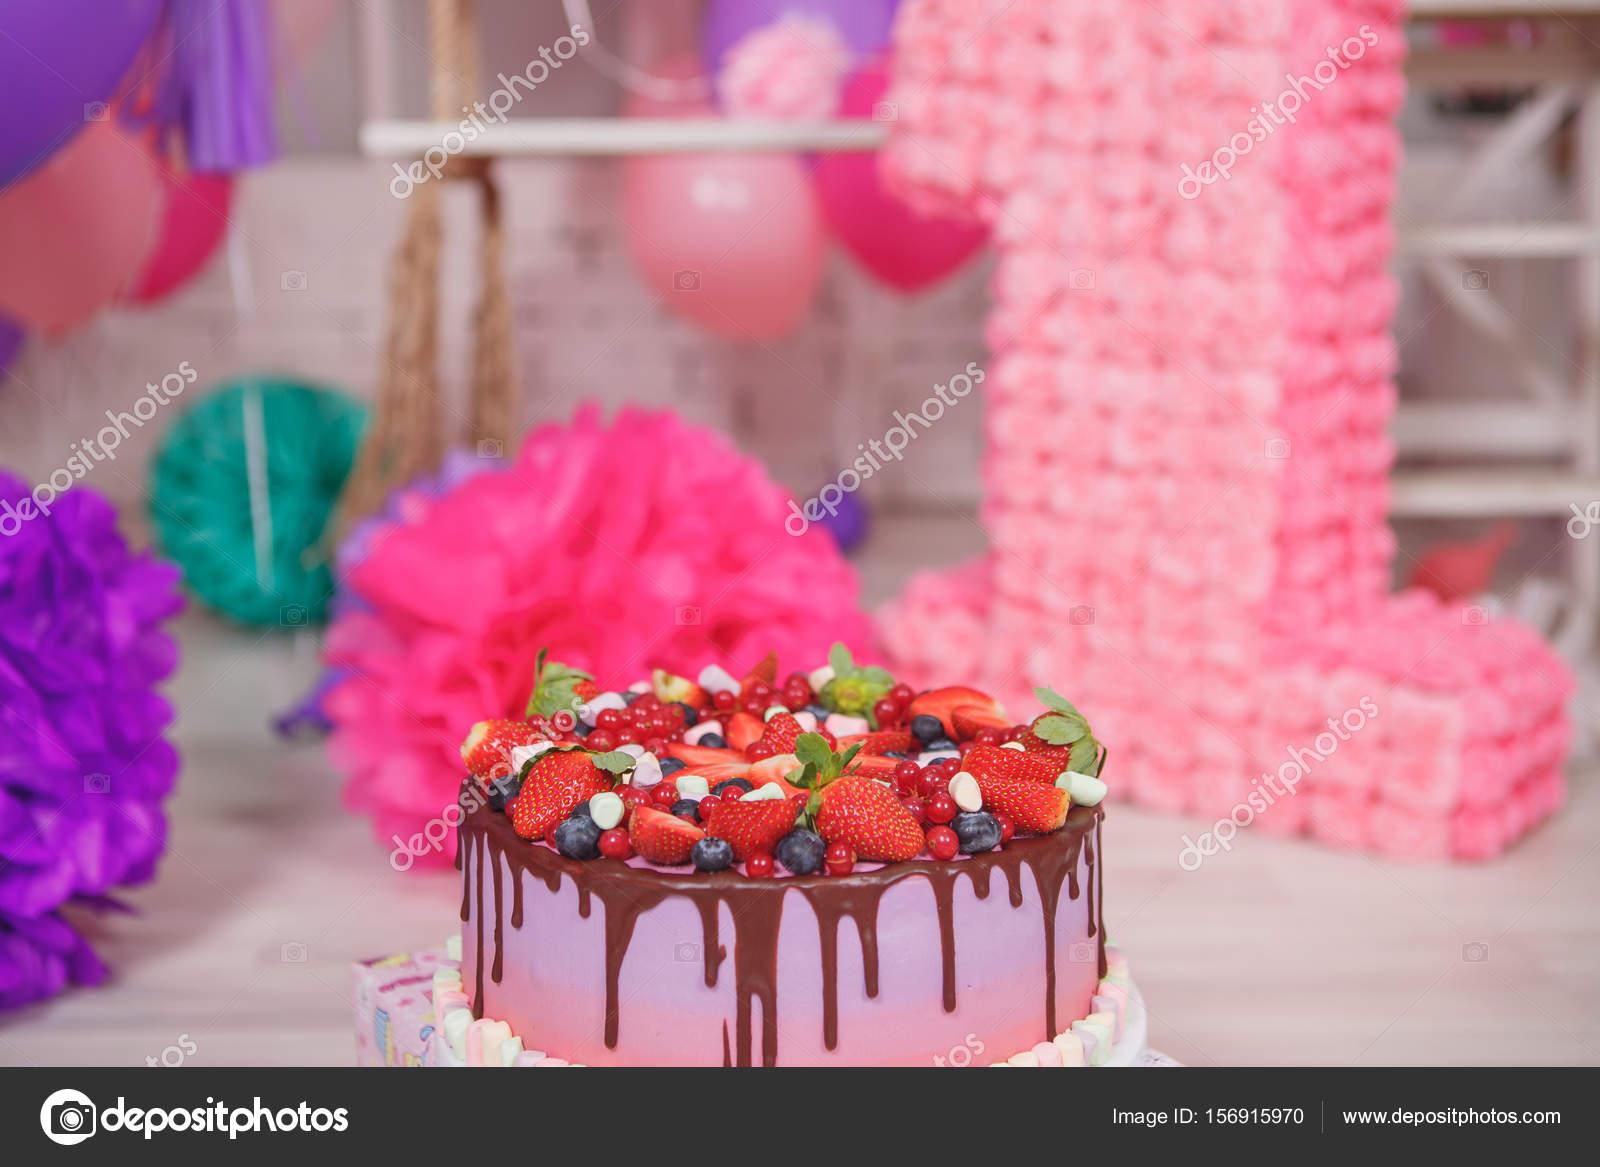 Obst Kuchen Geburtstag Party Dekoration Stockfoto C Cs 333 156915970